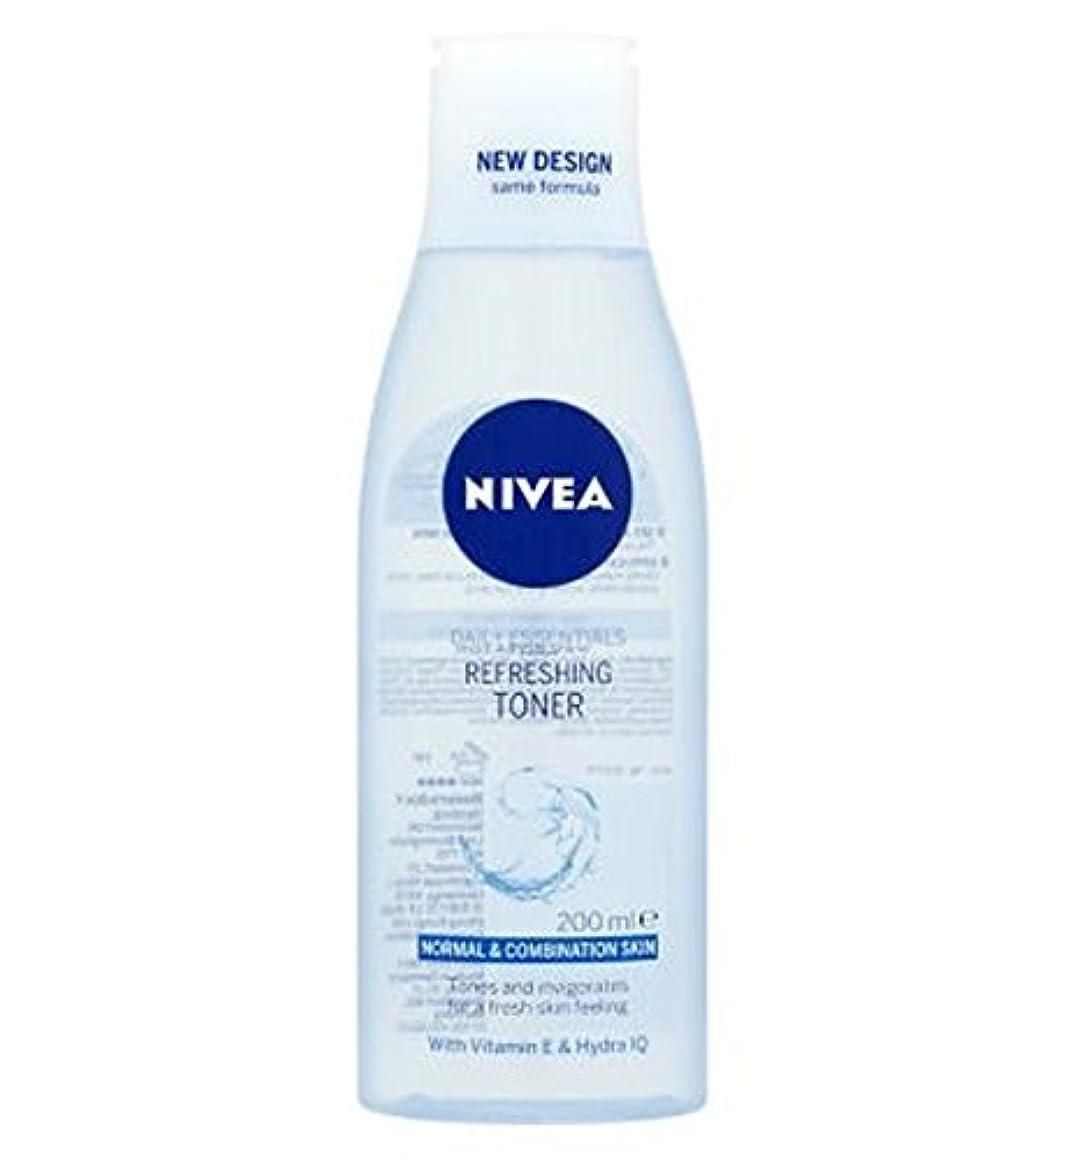 絶望確保する医療過誤Nivea Daily Essentials Refreshing Toner 200ml - トナー200ミリリットルをリフレッシュニベア生活必需品 (Nivea) [並行輸入品]